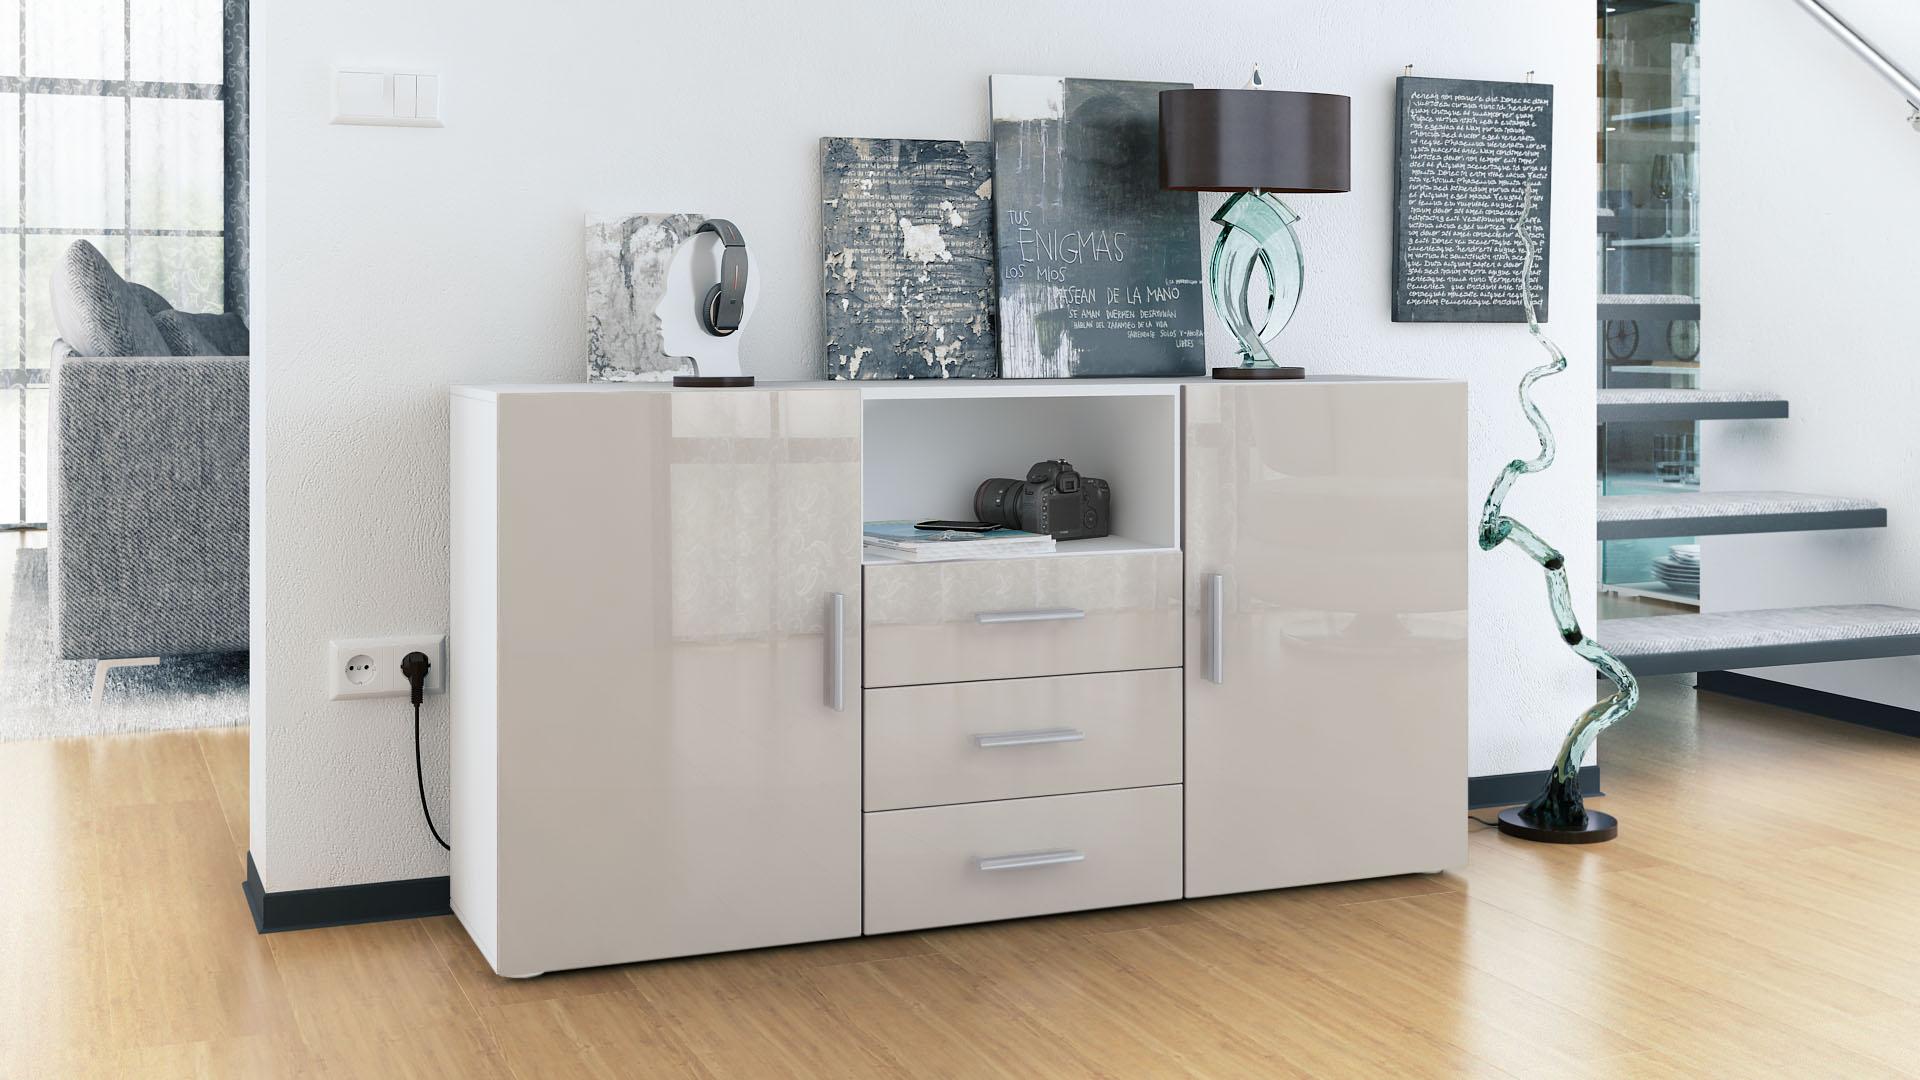 sideboard tv board anrichte schrank m bel schublade kommode skadu wei hochglanz ebay. Black Bedroom Furniture Sets. Home Design Ideas